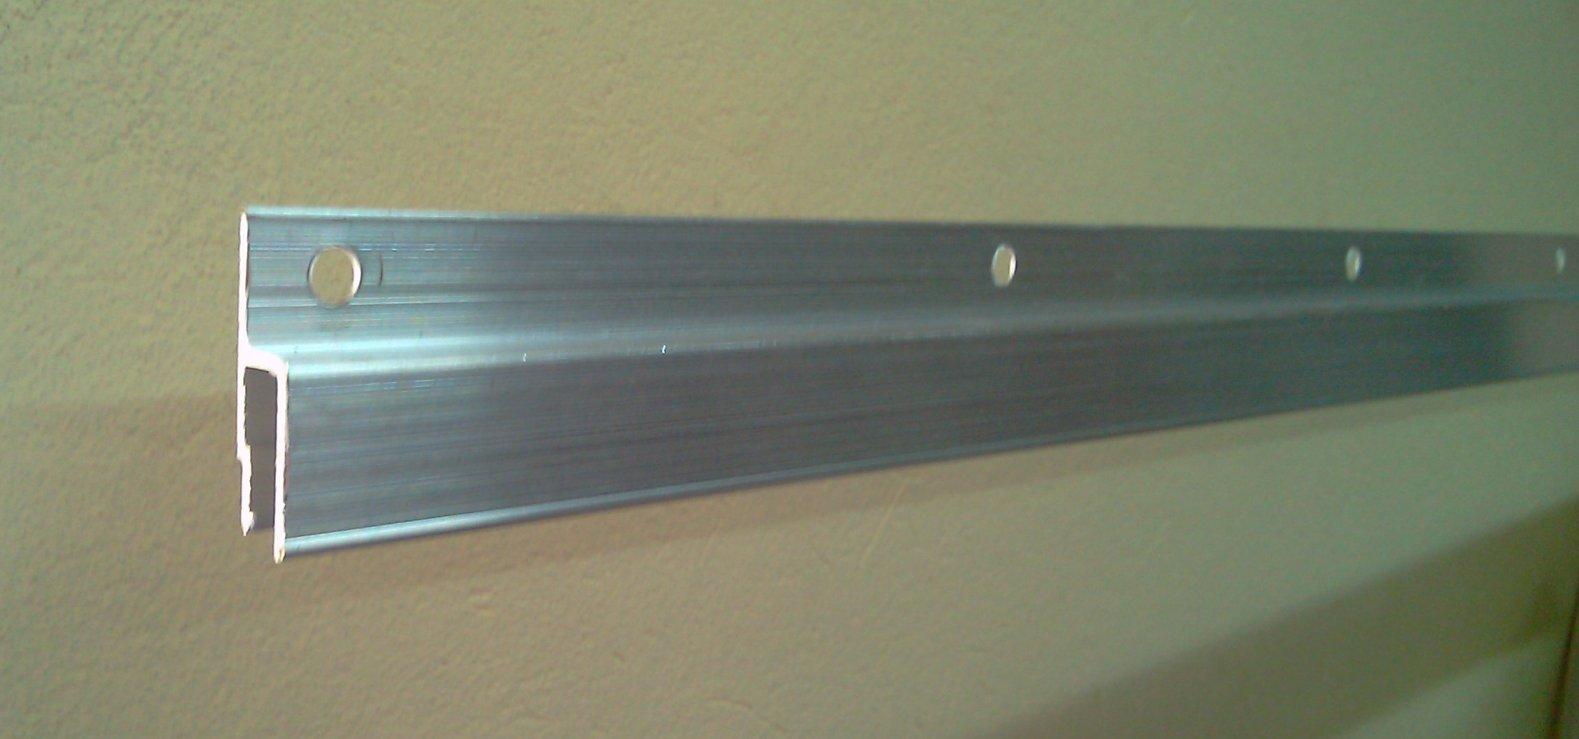 пример применения багета для натяжного потолка в отделке квартиры